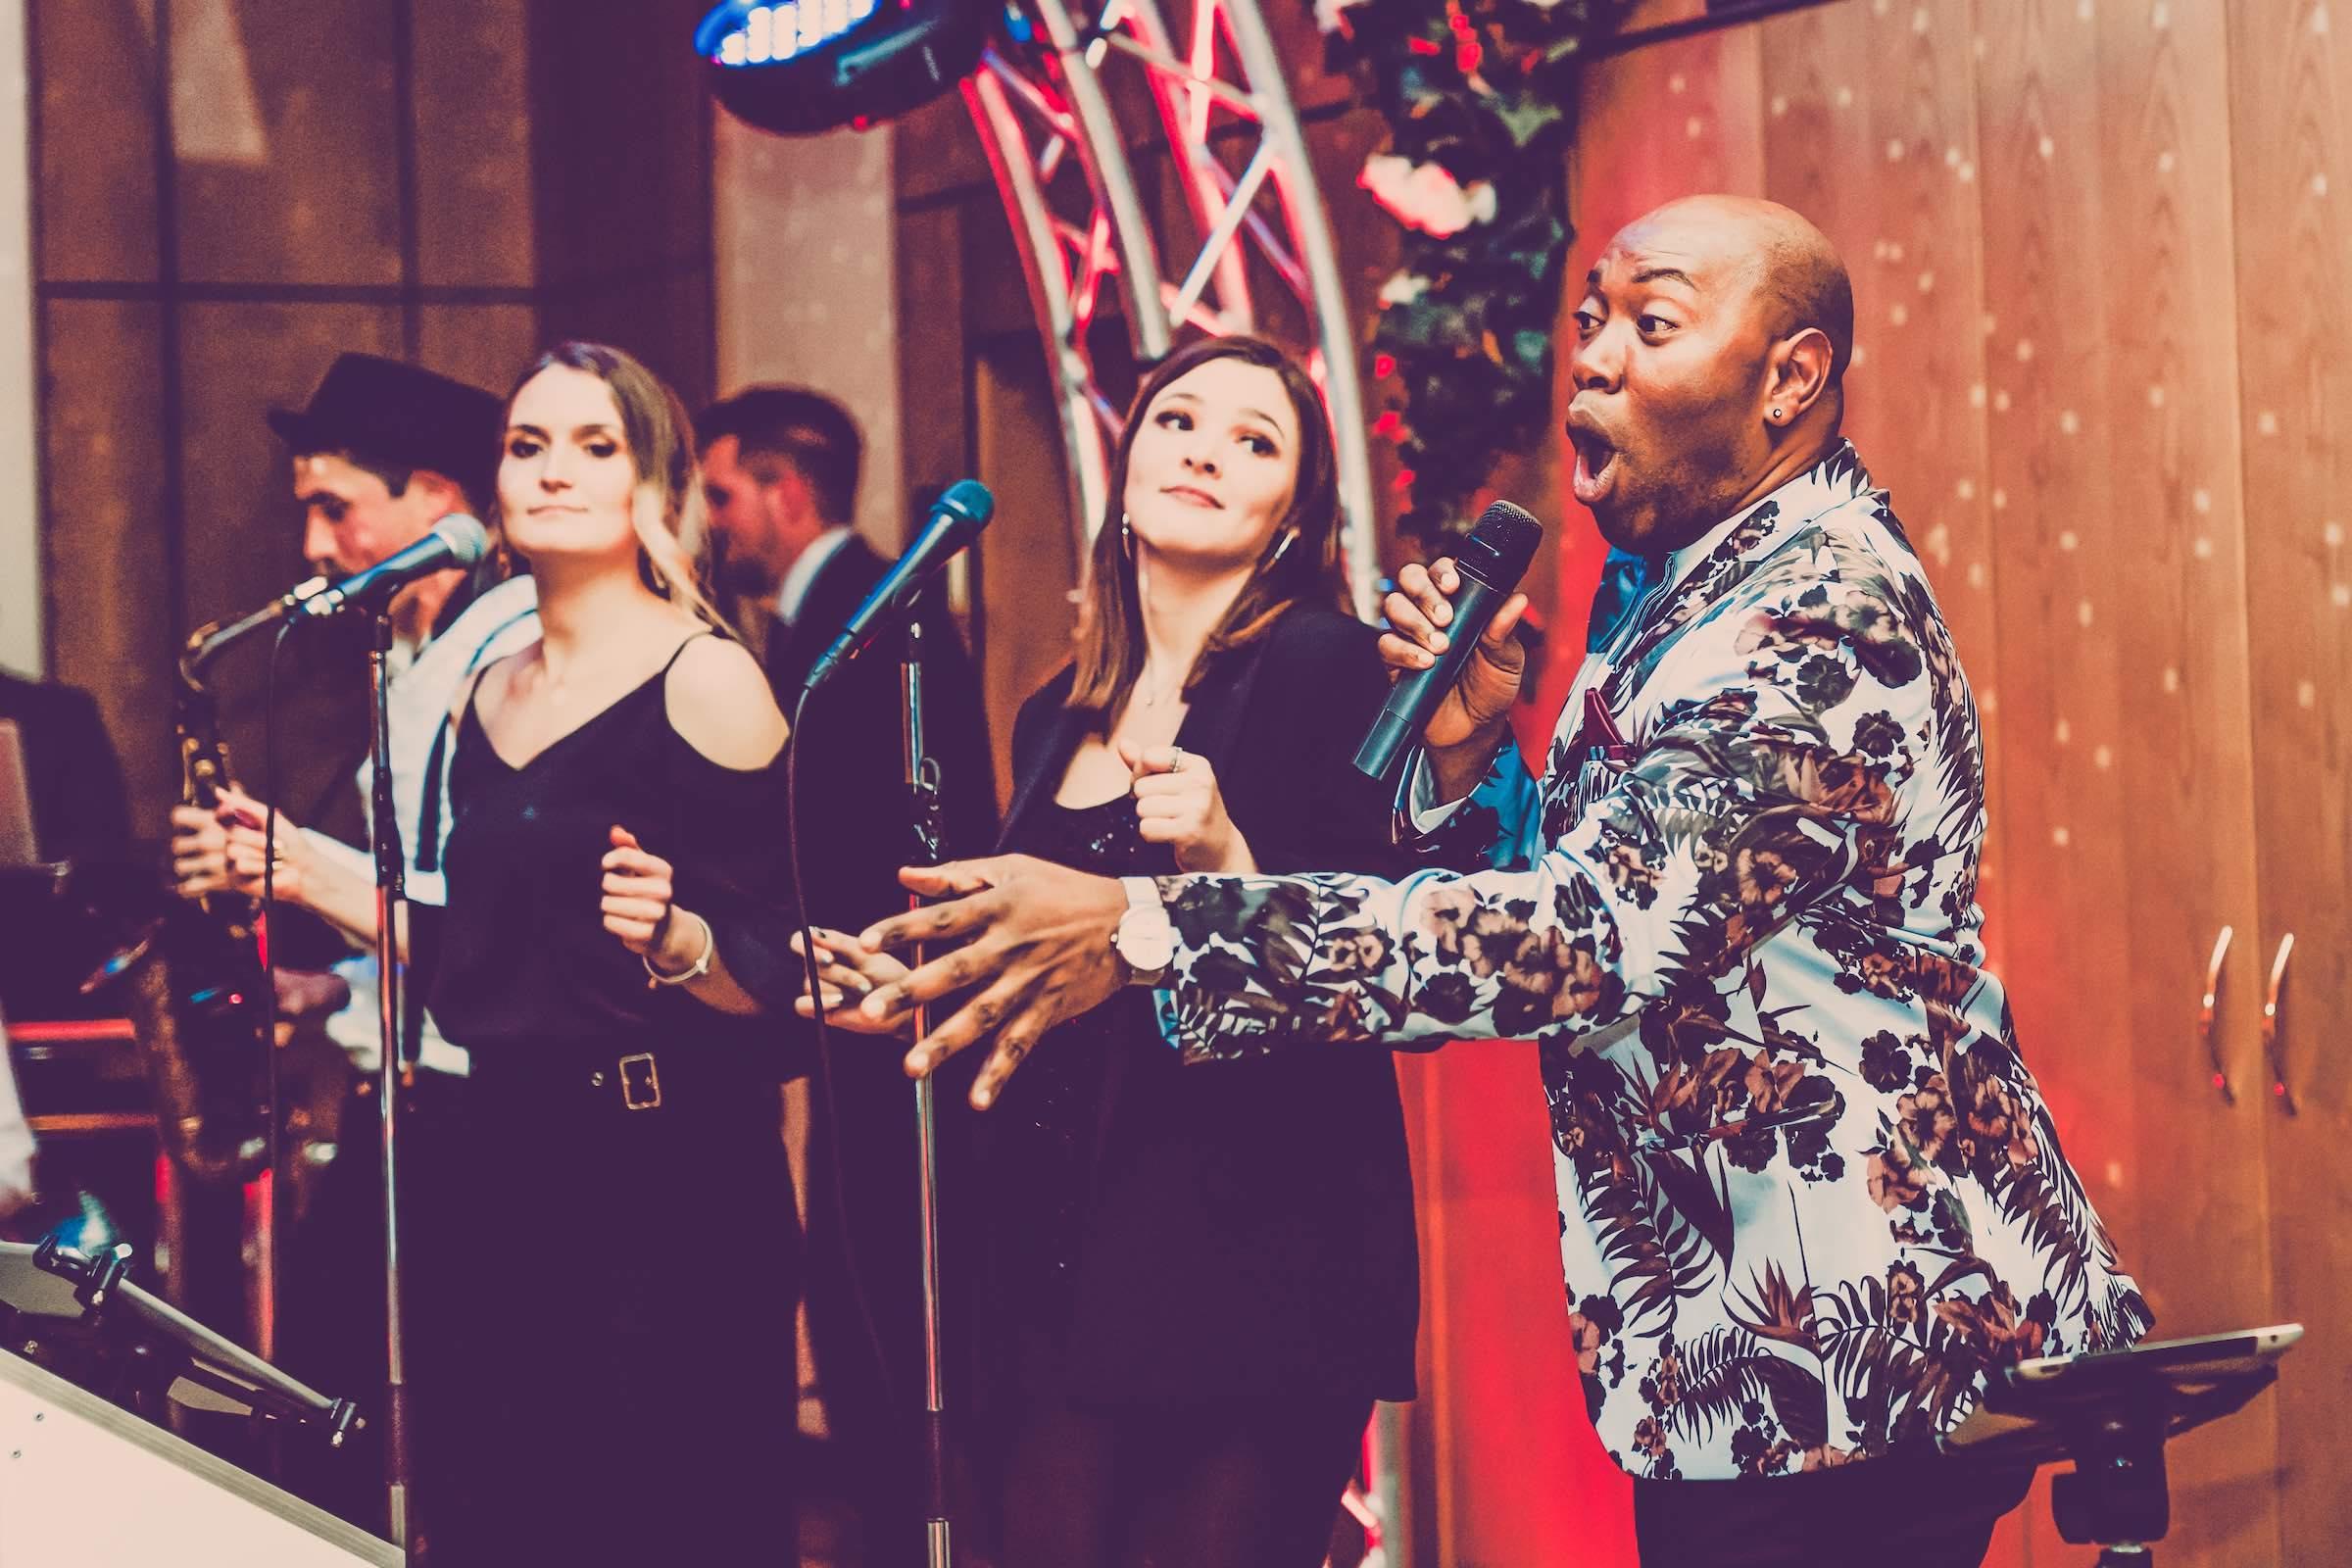 Band   Hannover   Hochzeit   Empfang   Party   Liveband   Livemusik   Jazz   Swing   Loungeband   Popband   Jazz   Sänger   Frontsänger   Messe   Firmenfeier   Gala   Buchen   Mieten   Anfragen   Lehmann   Eventservice